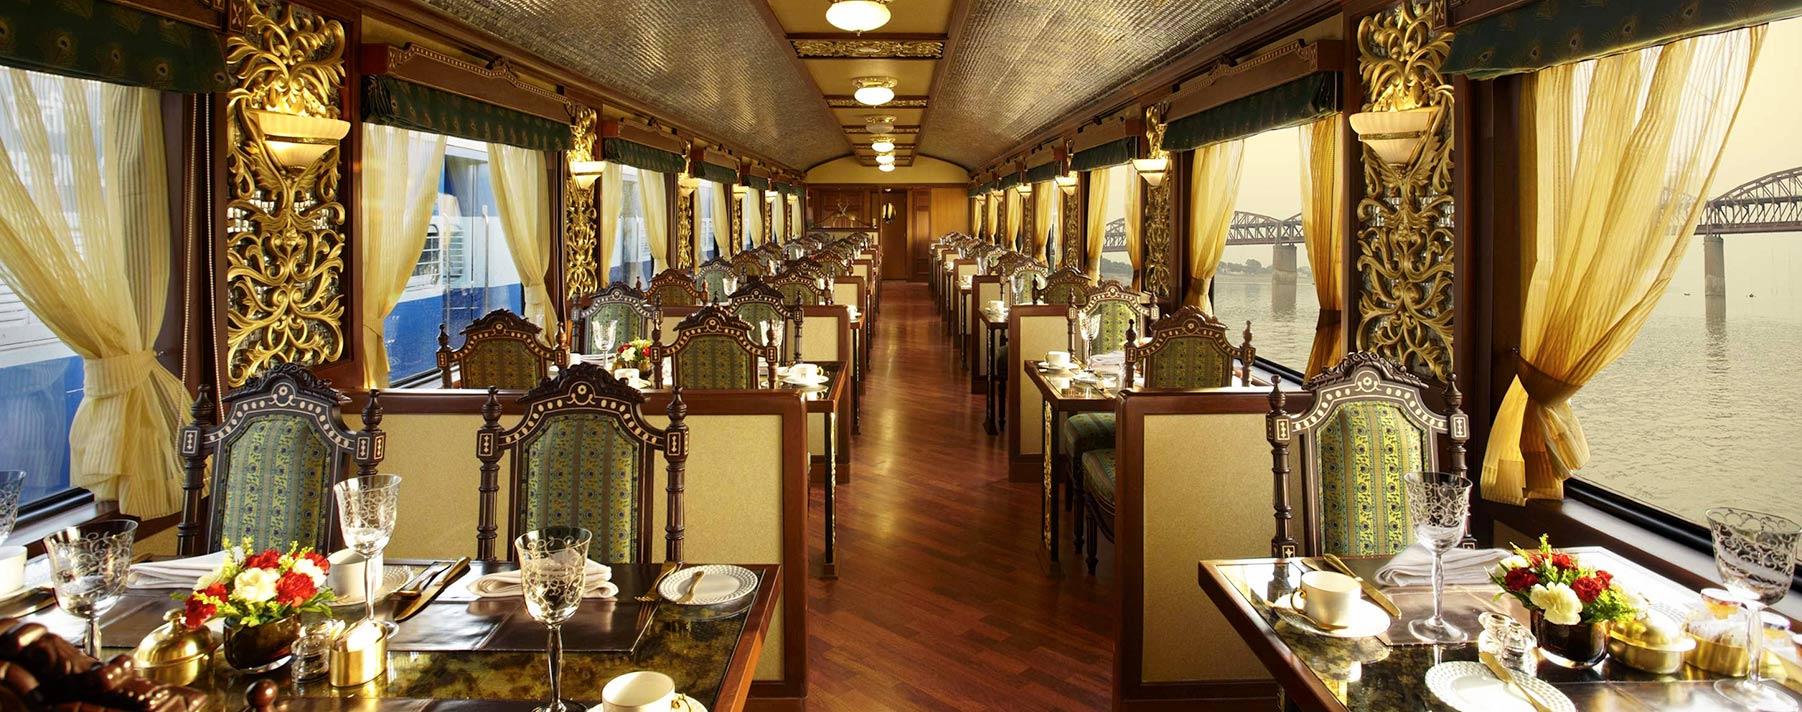 El tren Maharajas Express es un referente del lujo que reinó en la India, durante la colonia británica.